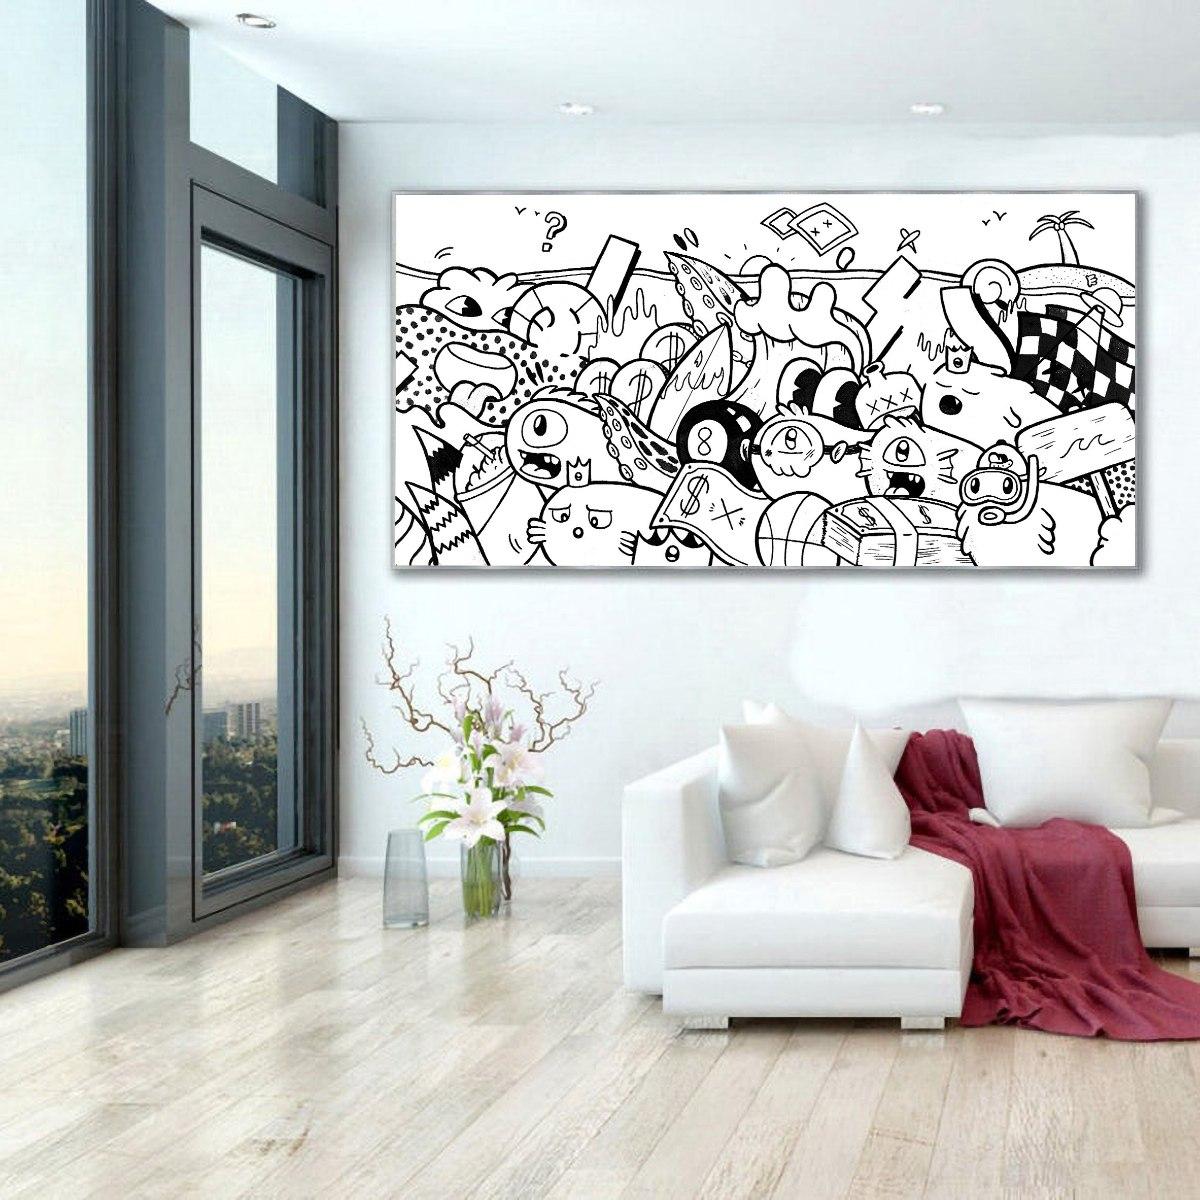 ציור פופ ארט שחור לבן לבית של האמן כפיר תג'ר